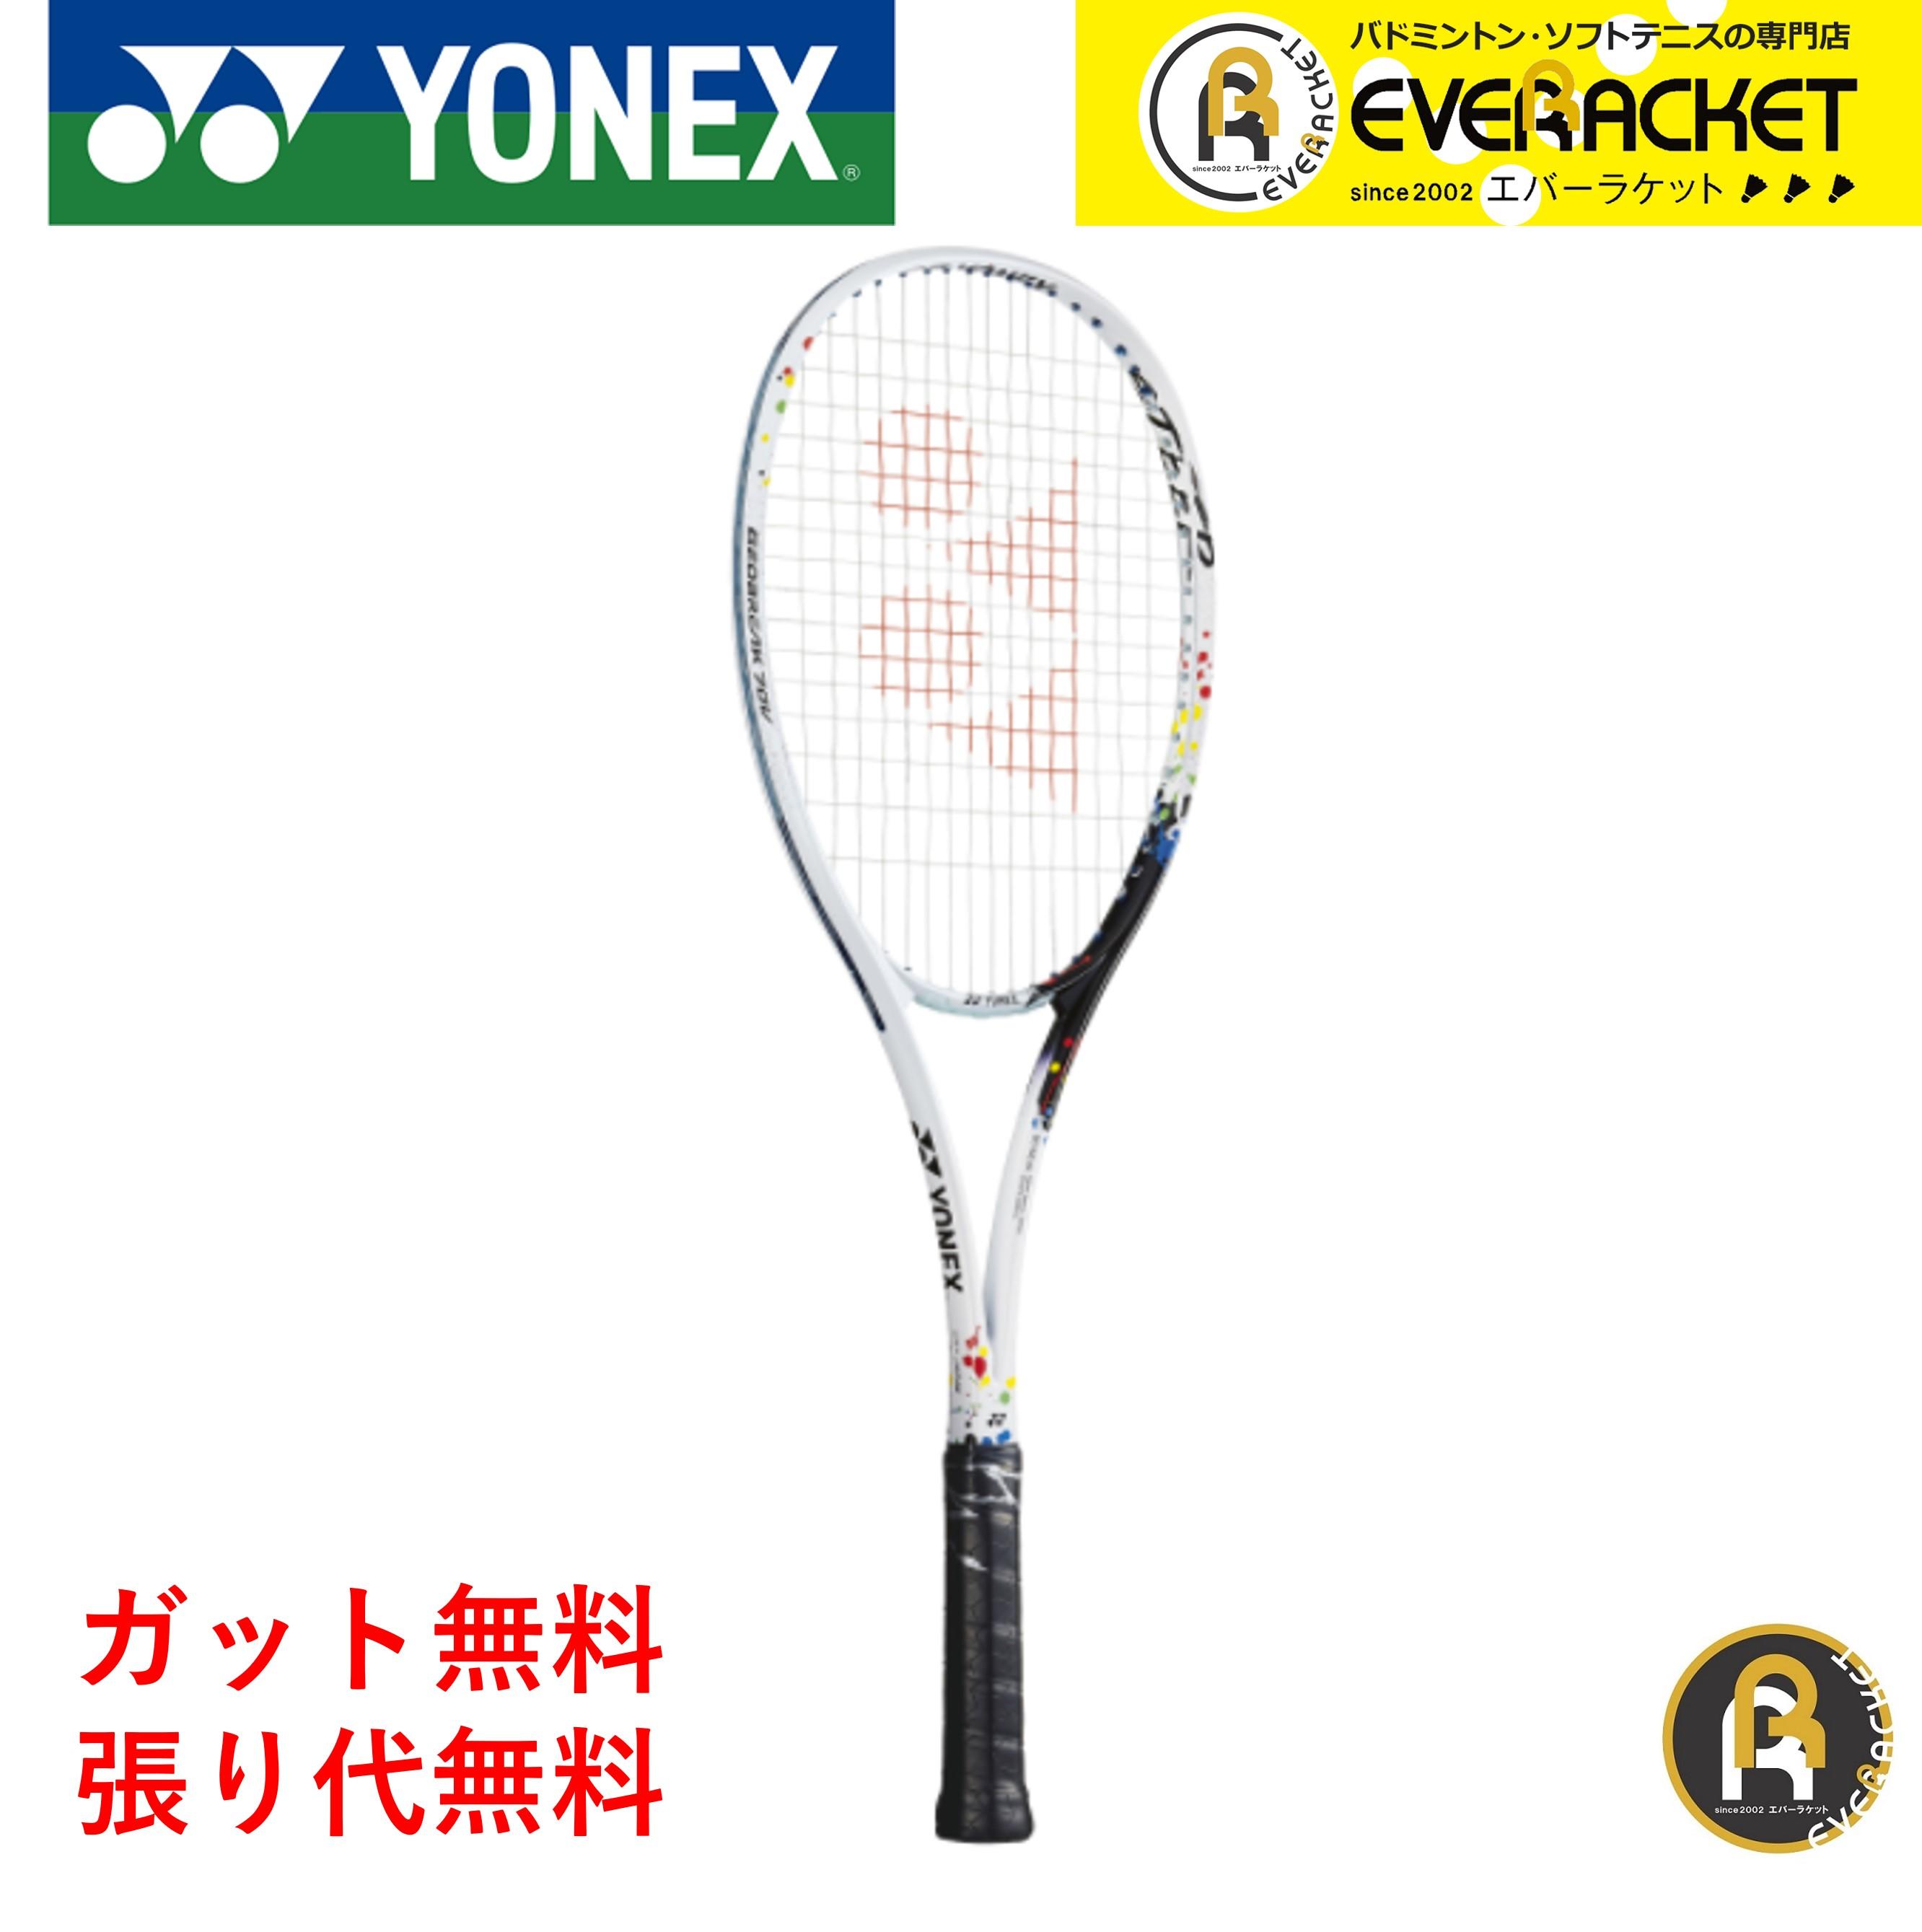 2021年【YONEX:ソフトテニスラケット(前衛用)】 【最短出荷】《ガット代・張り代・送料無料》【前衛用】ヨネックス YONEX ソフトテニスラケット ジオブレイク70Vステア GEO70V-S